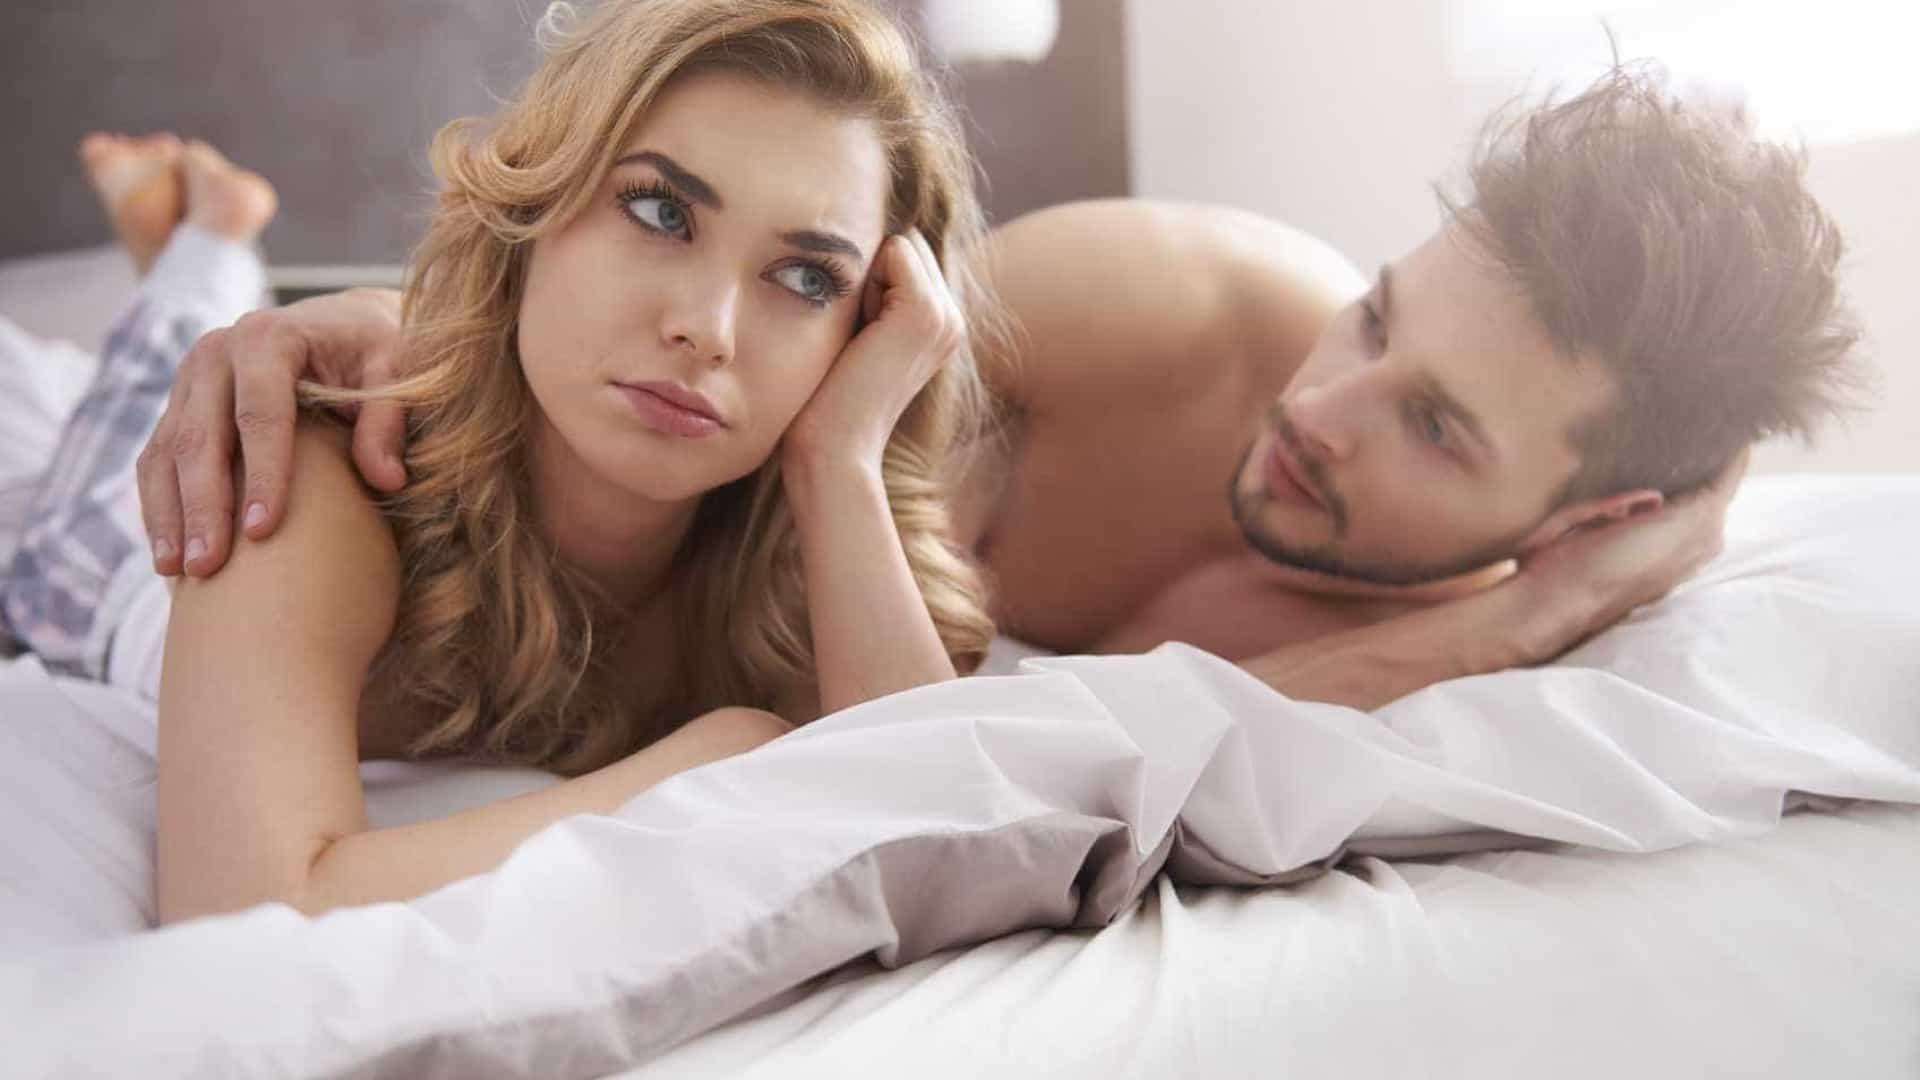 5 главных мужских ошибок в сексе по мнению женщин